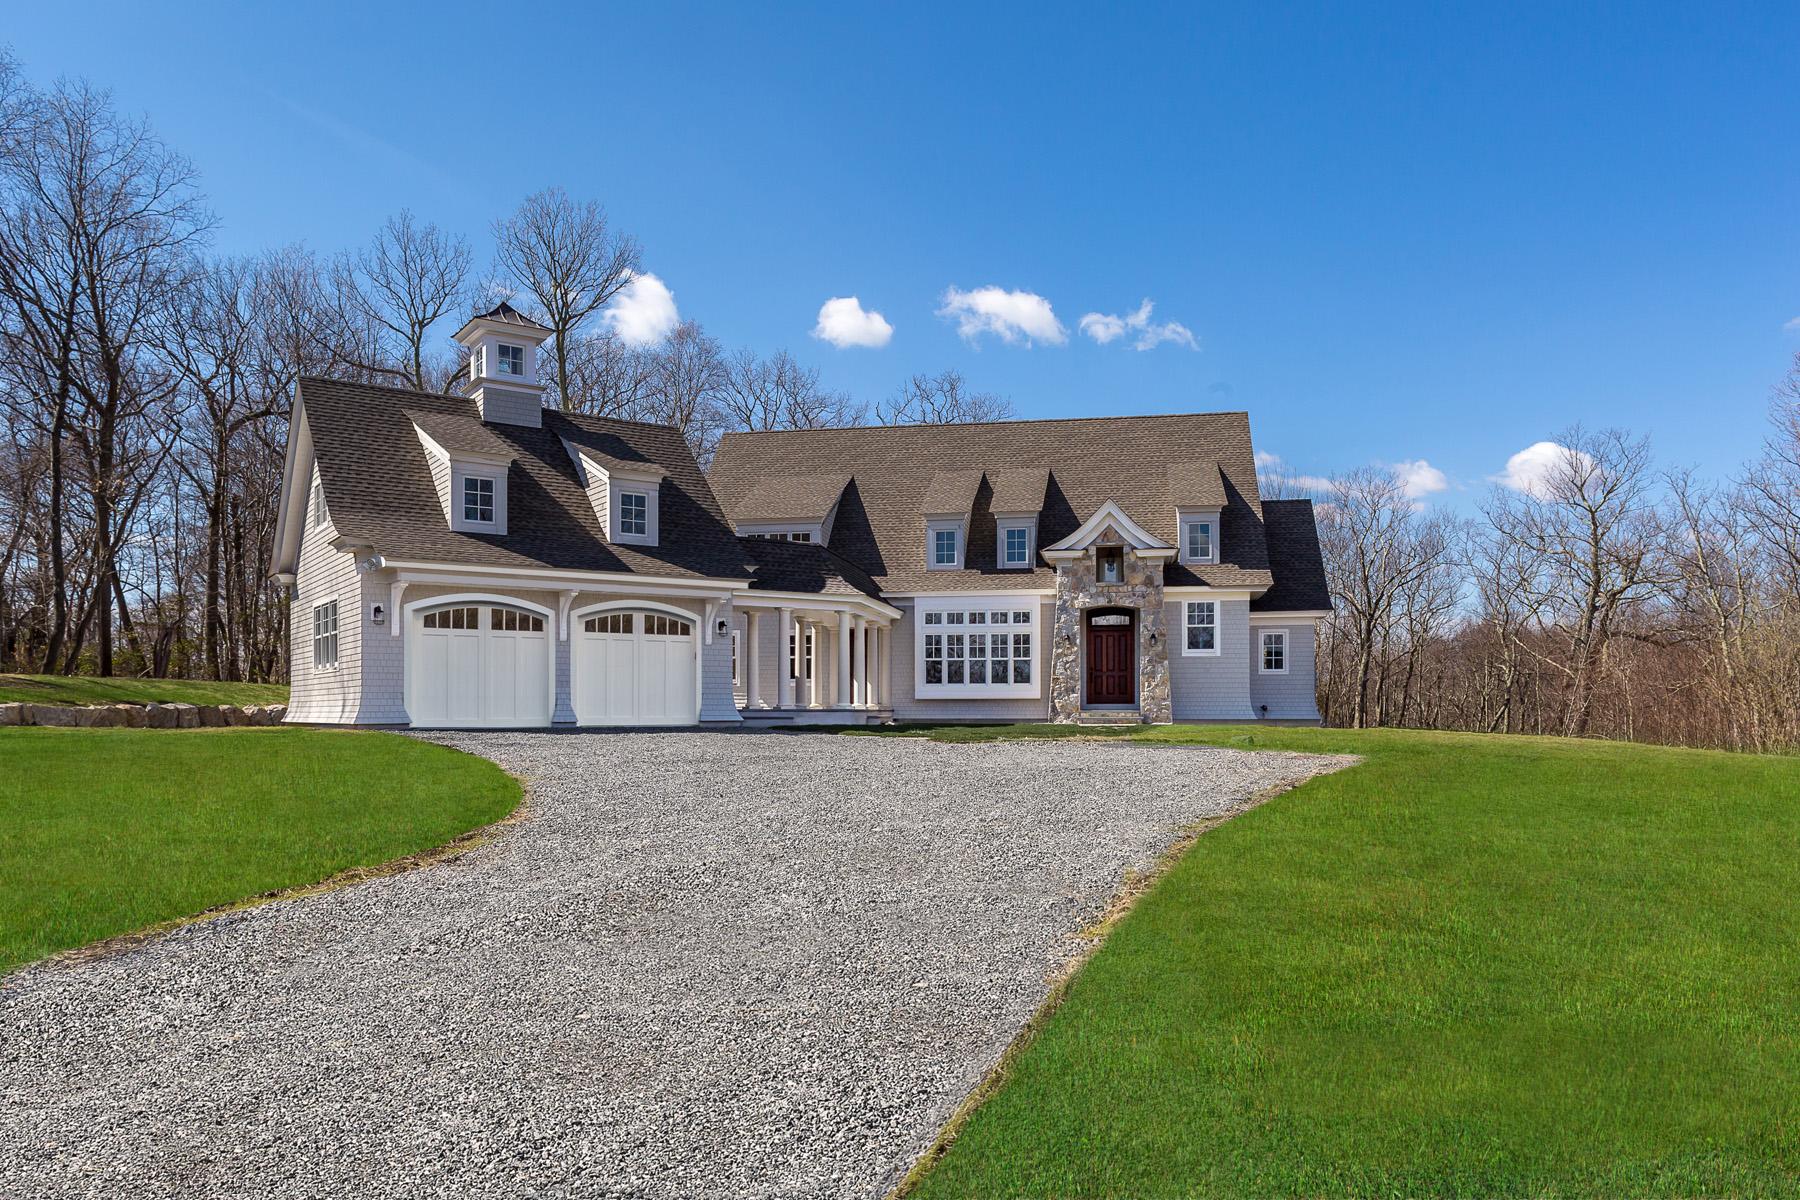 Casa Unifamiliar por un Venta en New Construction 11 Hillcrest Lane Weston, Connecticut, 06883 Estados Unidos